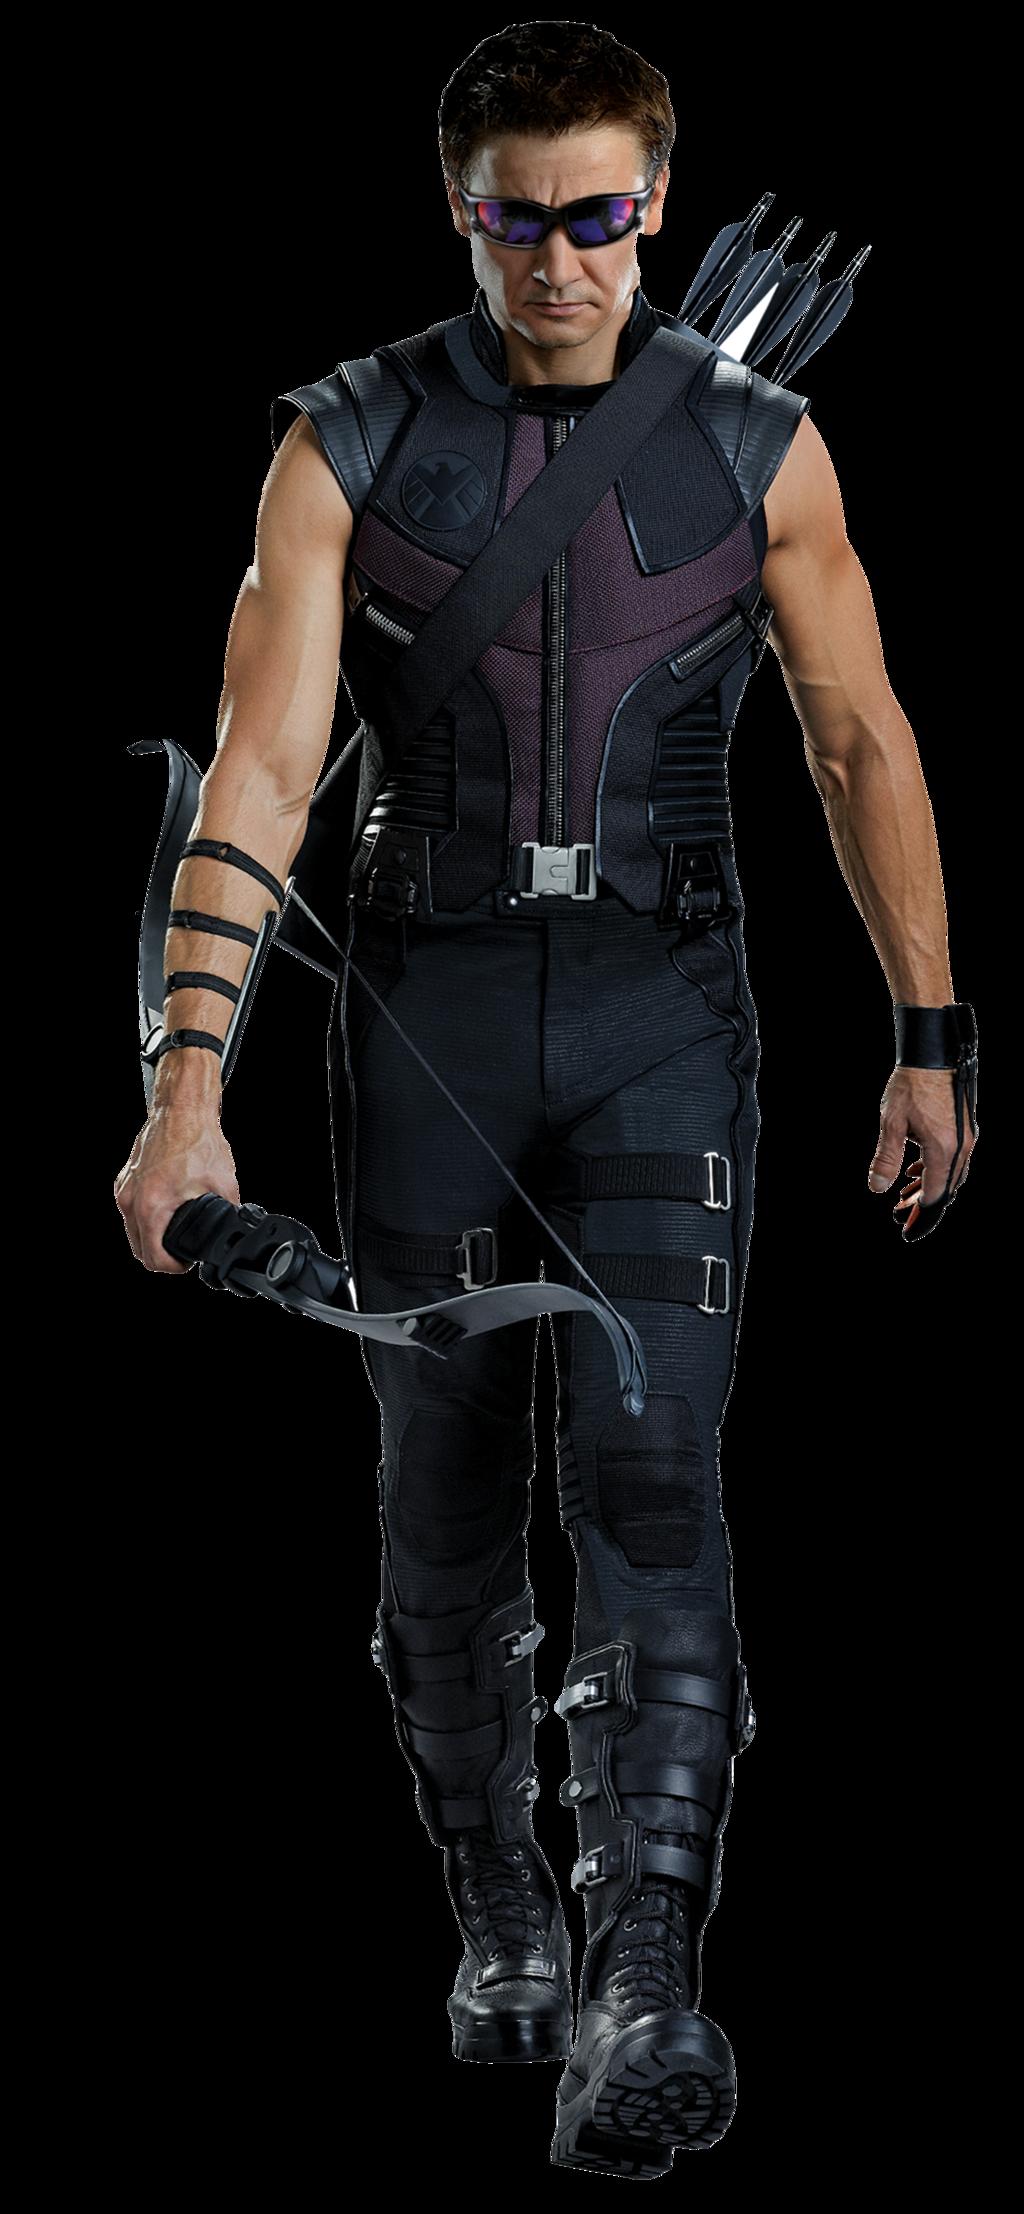 Hawkeye Transparent By Trickarrowdesigns Hawkeye Costume Hawkeye Avengers Hawkeye